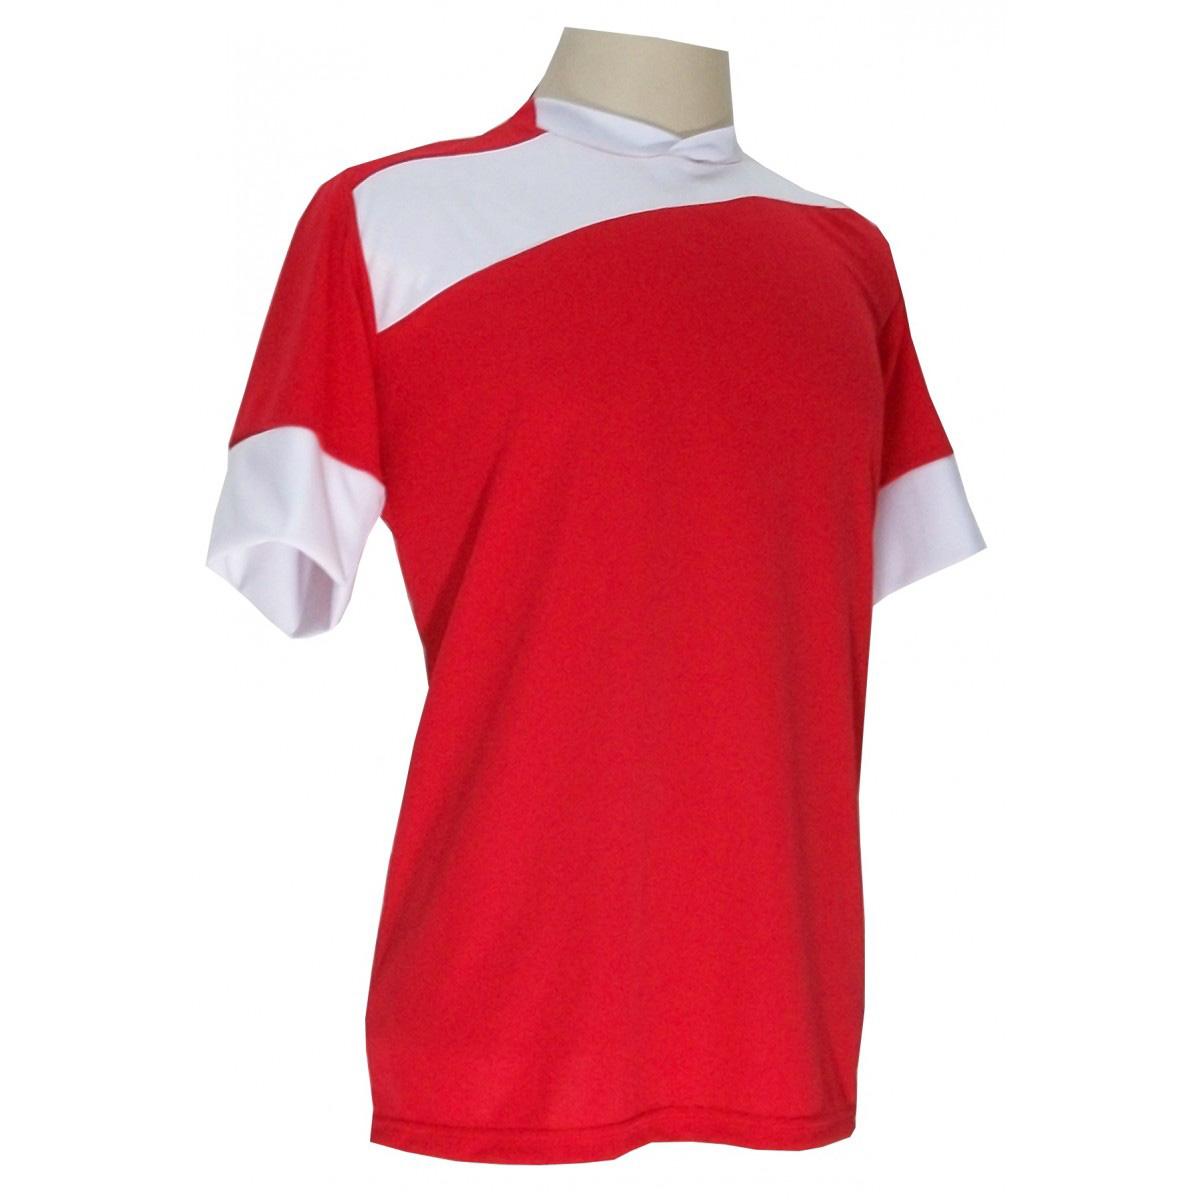 Uniforme Esportivo com 14 camisas modelo Sporting Vermelho/Branco + 14 calções modelo Copa + 1 Goleiro + Brindes